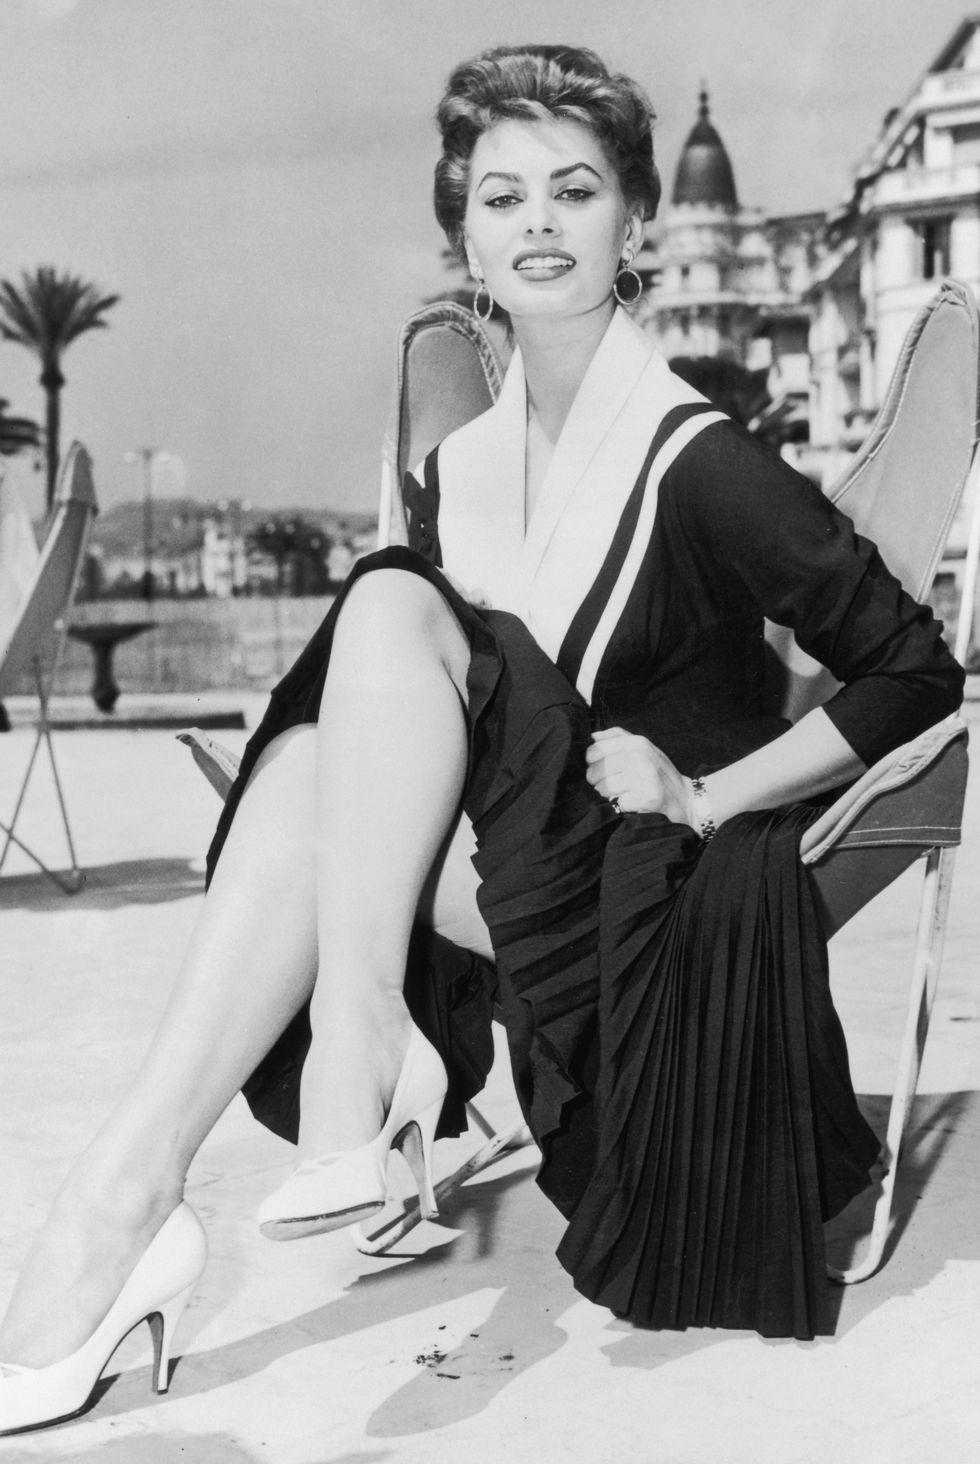 Nữ diễn viên Sophia Loren chứng minh rằng không có giới hạn đối với những gì bạn có thể làm với LBD với thiết kế xếp nếp và hải lý mà cô ấy mặc ở Cannes.